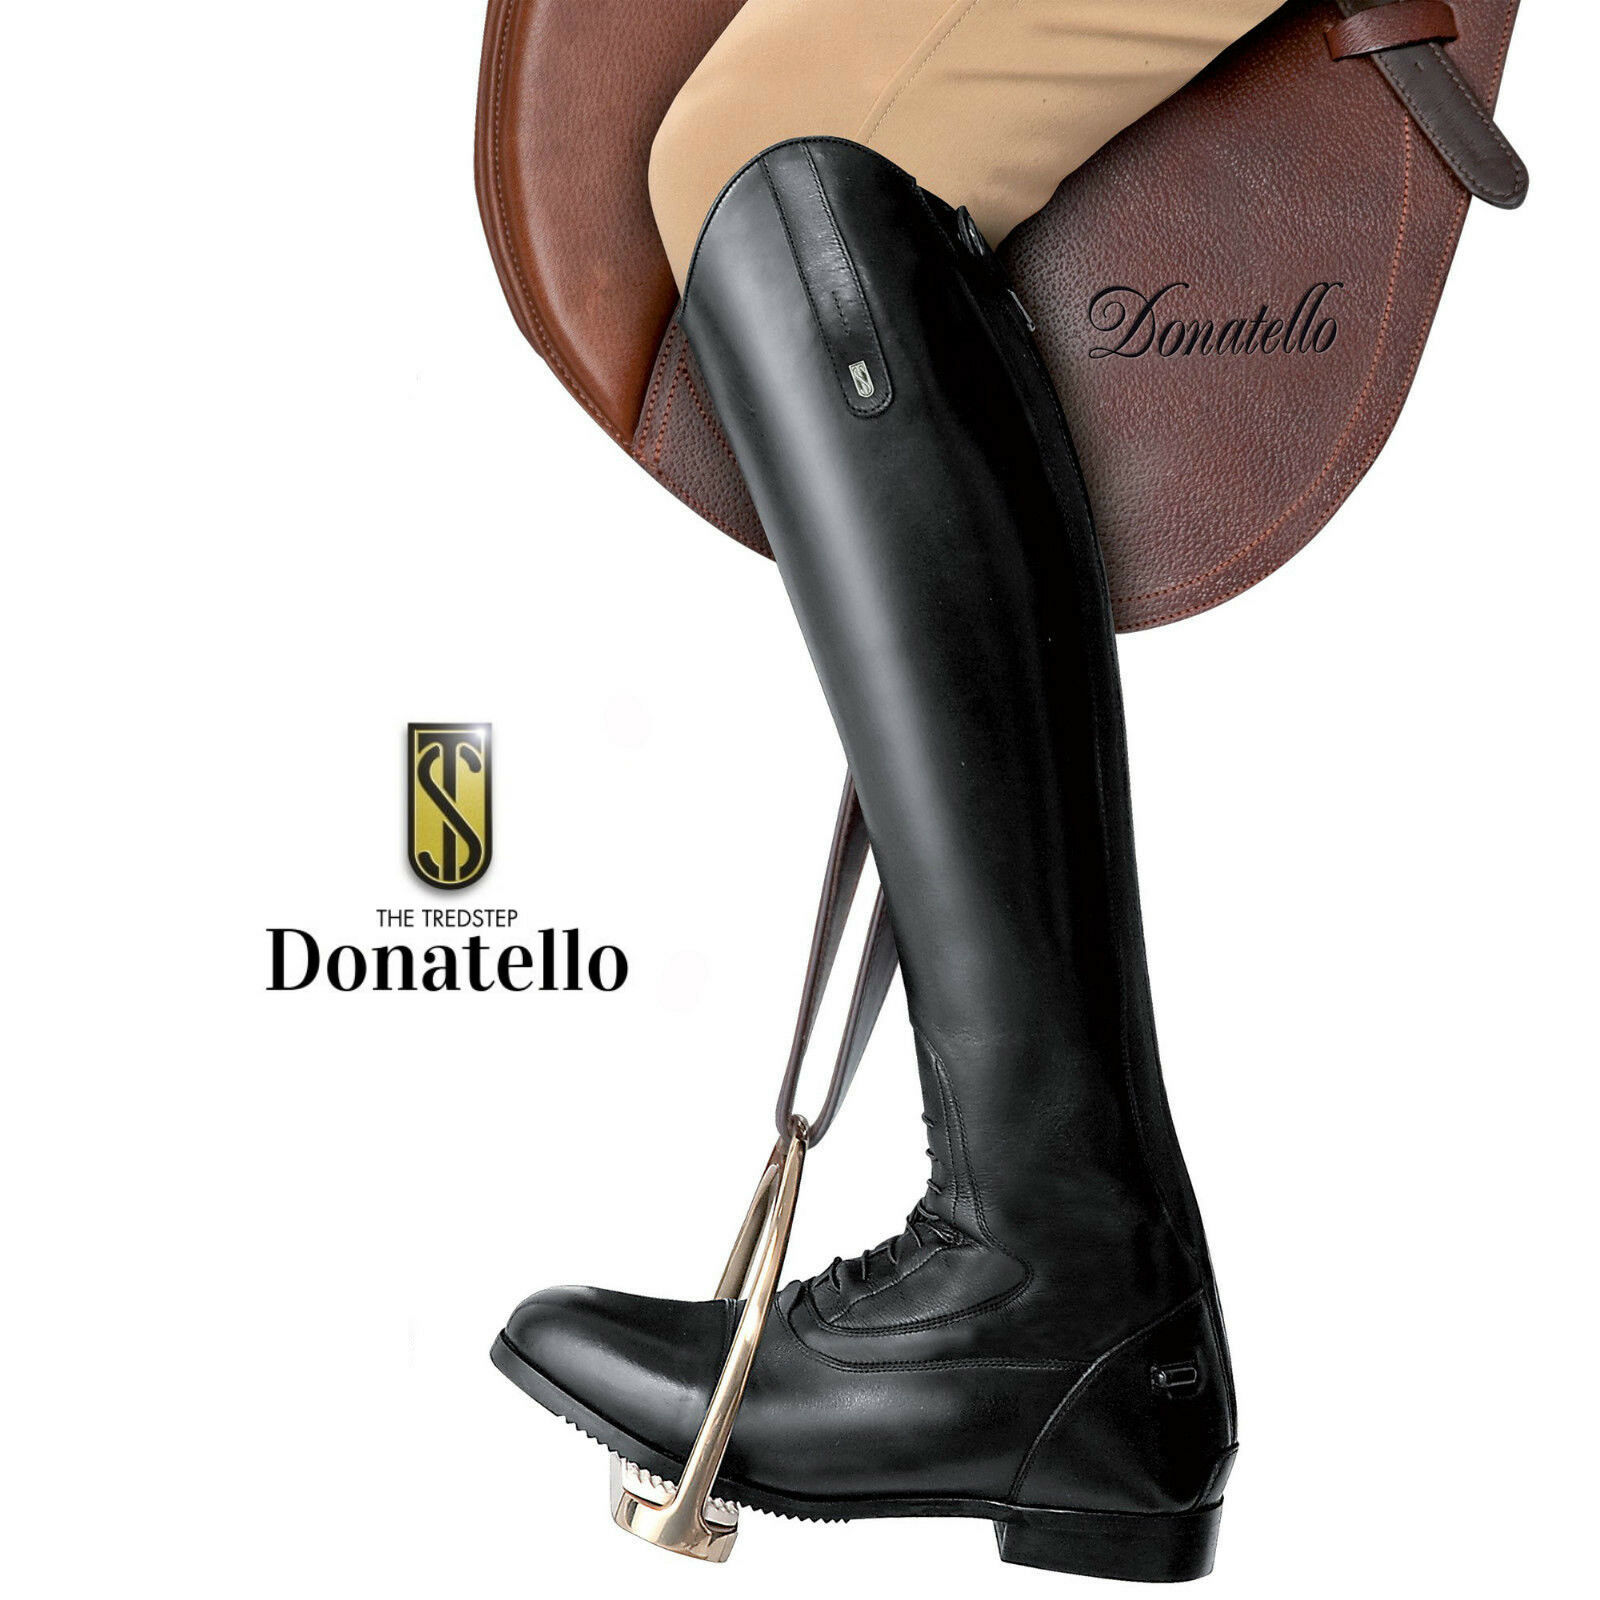 Trossostep DONATELLO Field avvio Taglia 6.5 EU40 Al Polpaccio Altezza Media Regolare Prezzo Consigliato '